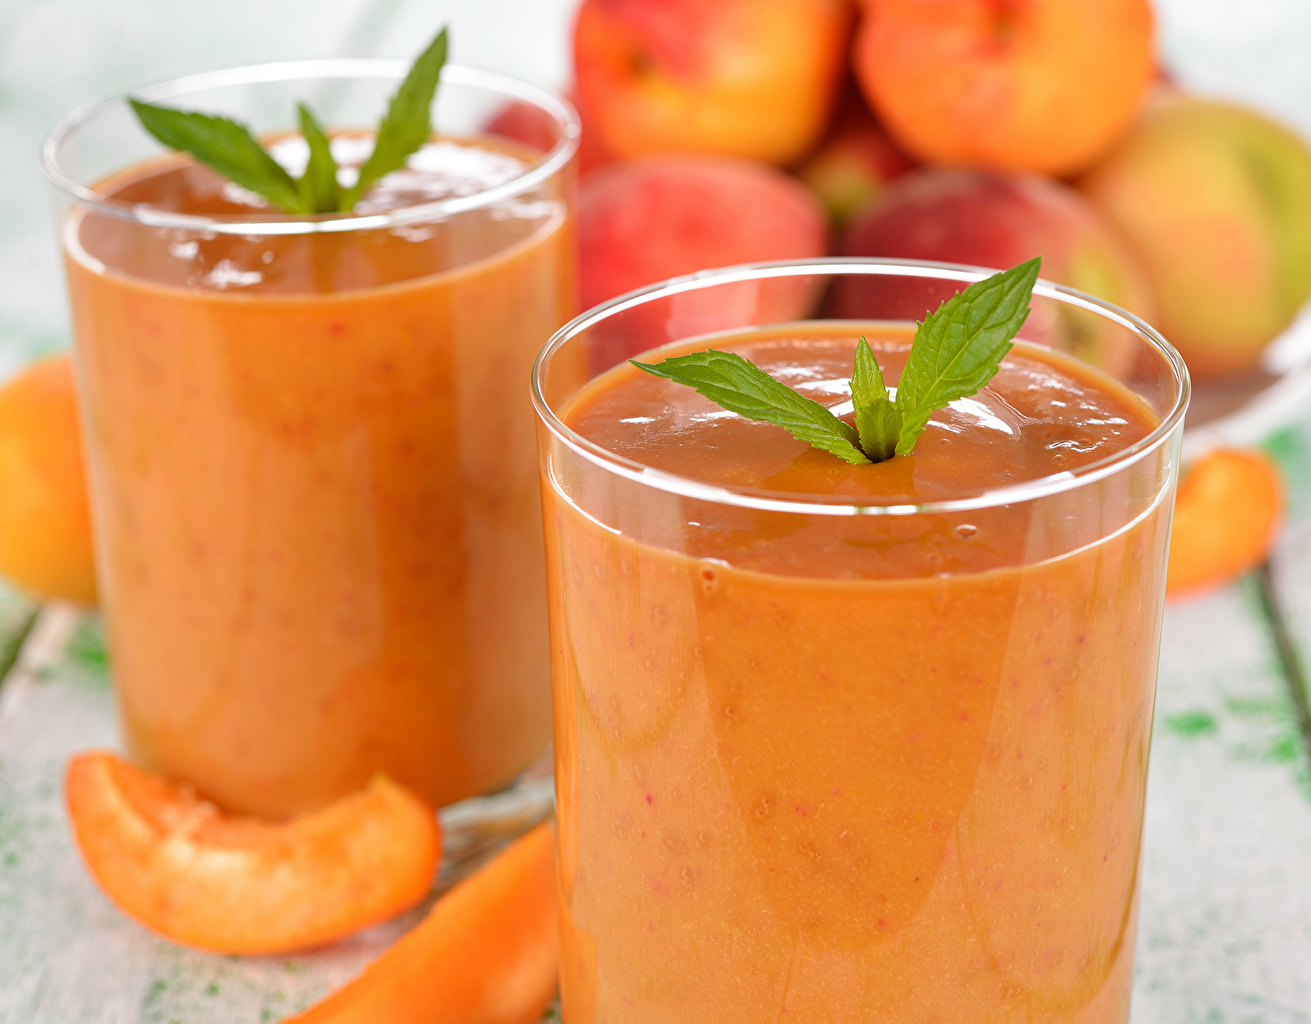 Картинки Сок стакане Персики Пища напиток Стакан стакана Еда Продукты питания Напитки